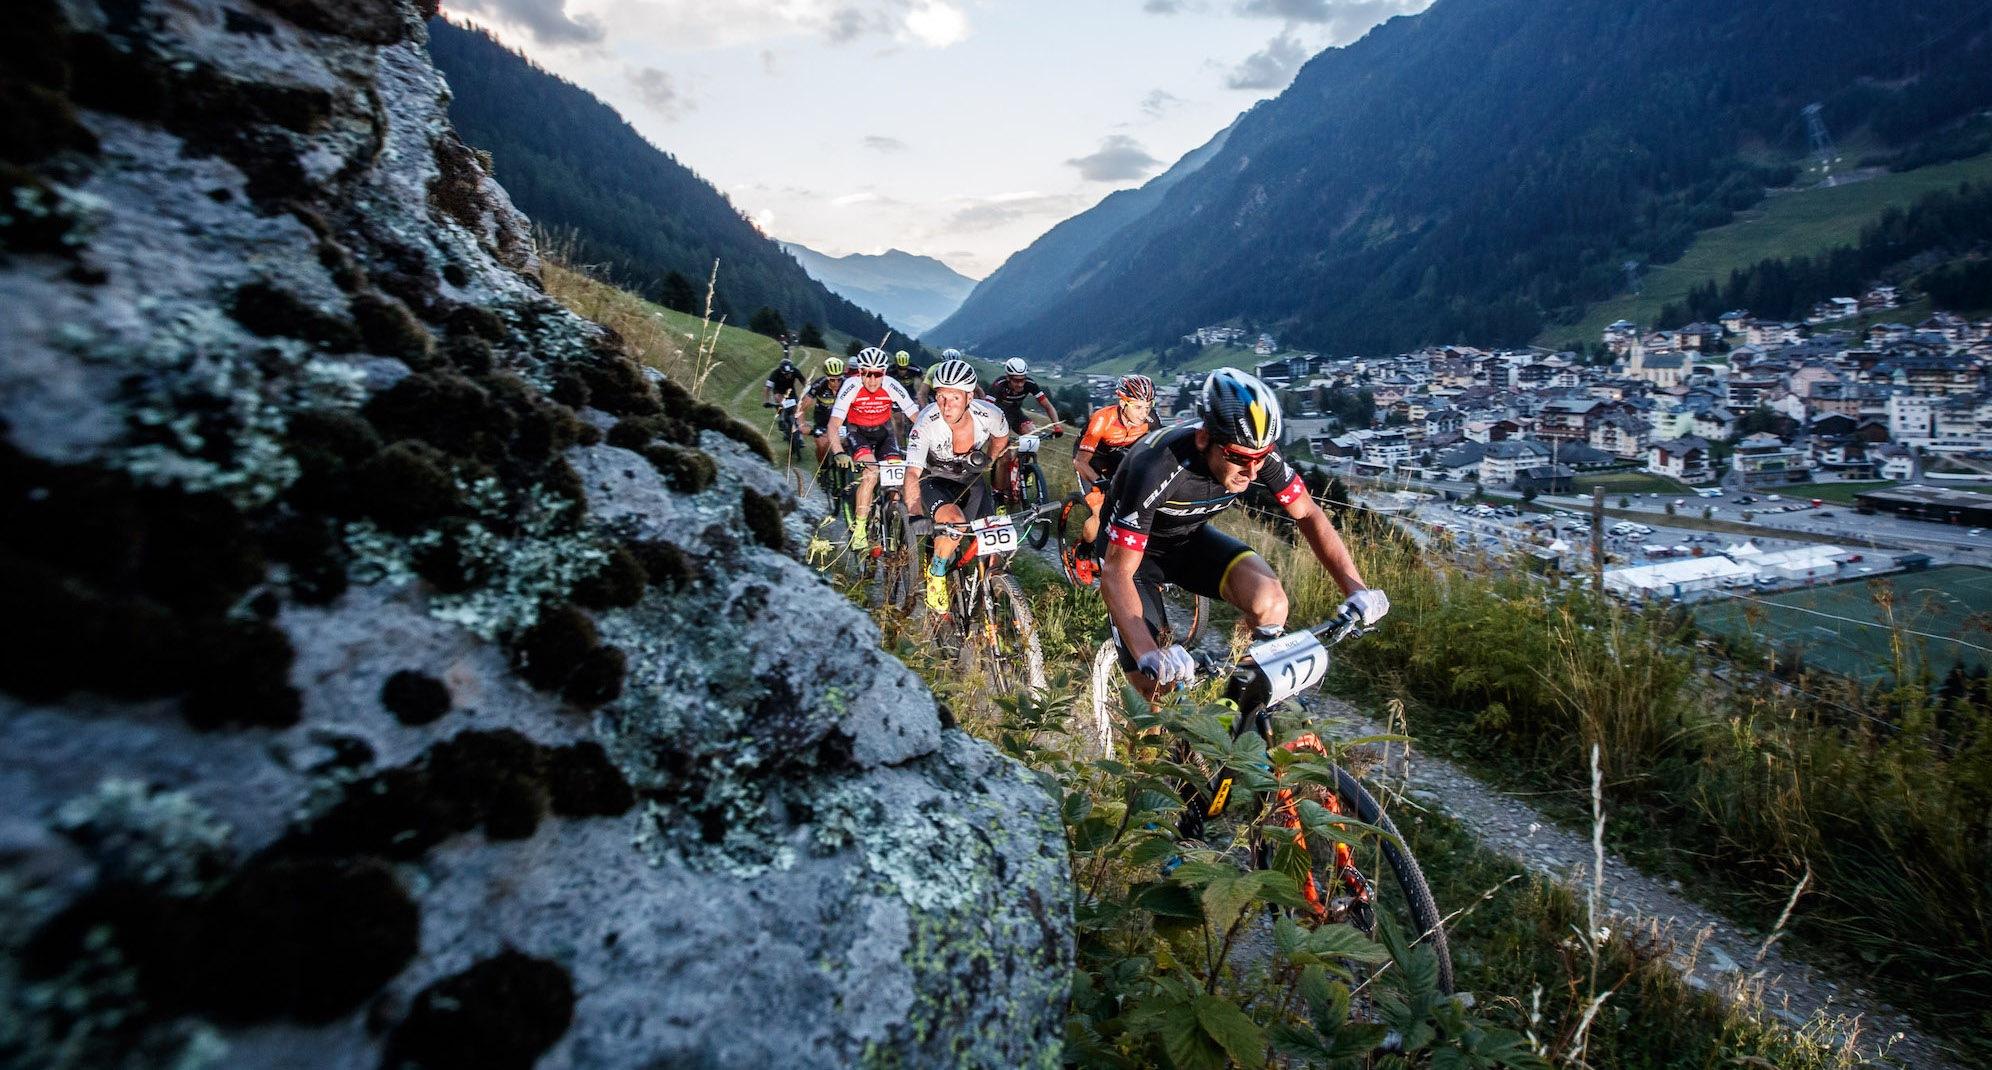 MTB-Eventtipp: Ischgl Ironbike 2021